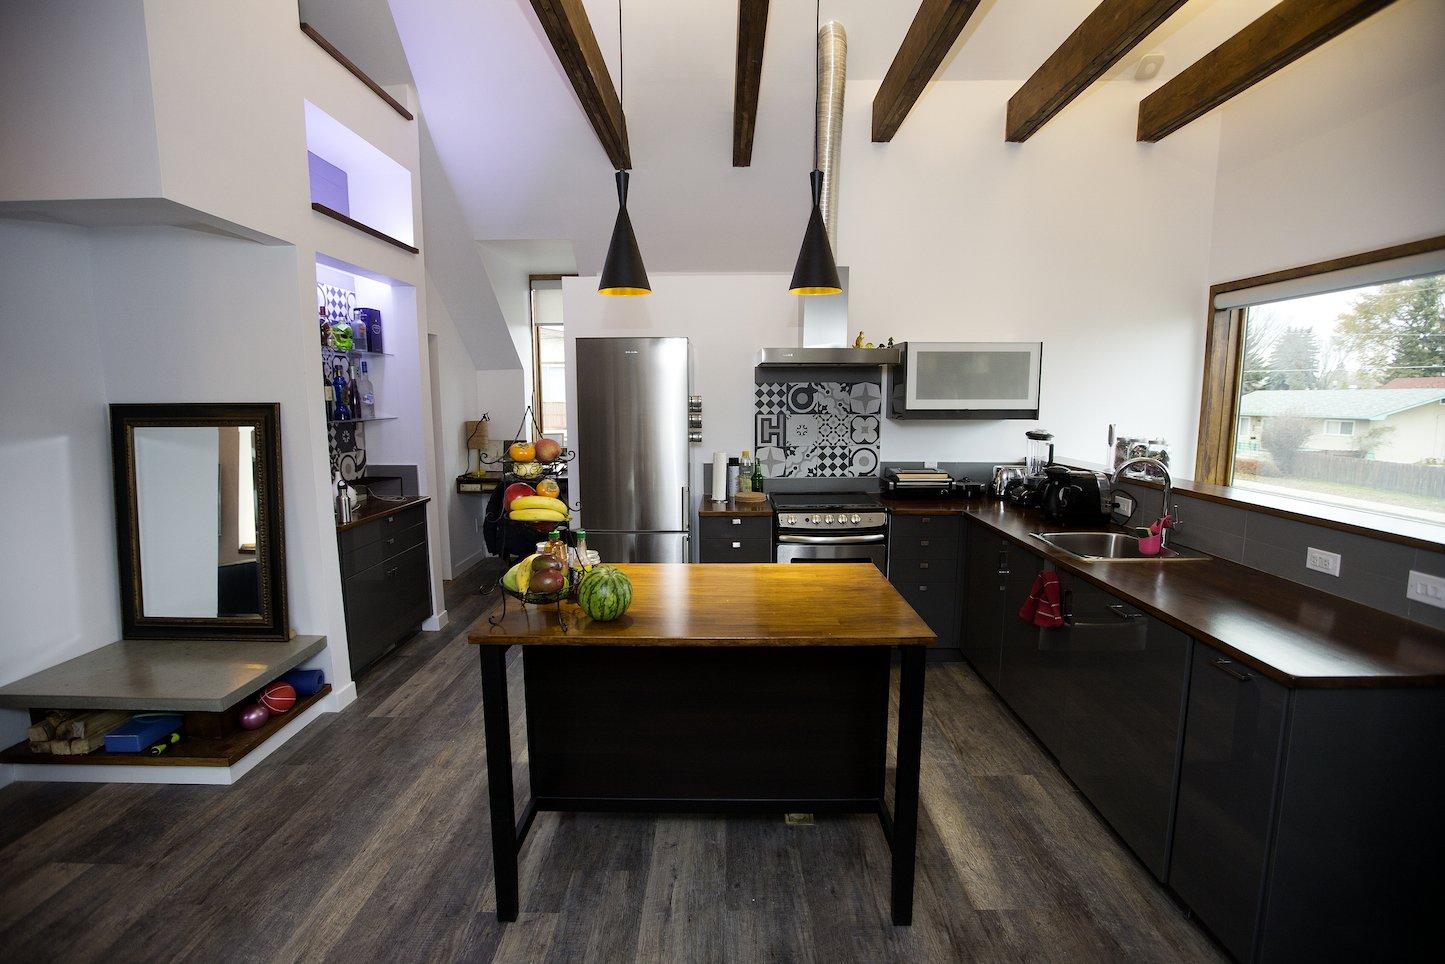 Kitchen Calder - Interior 6 - Kitchen 2  Calder Laneway House - Edmonton